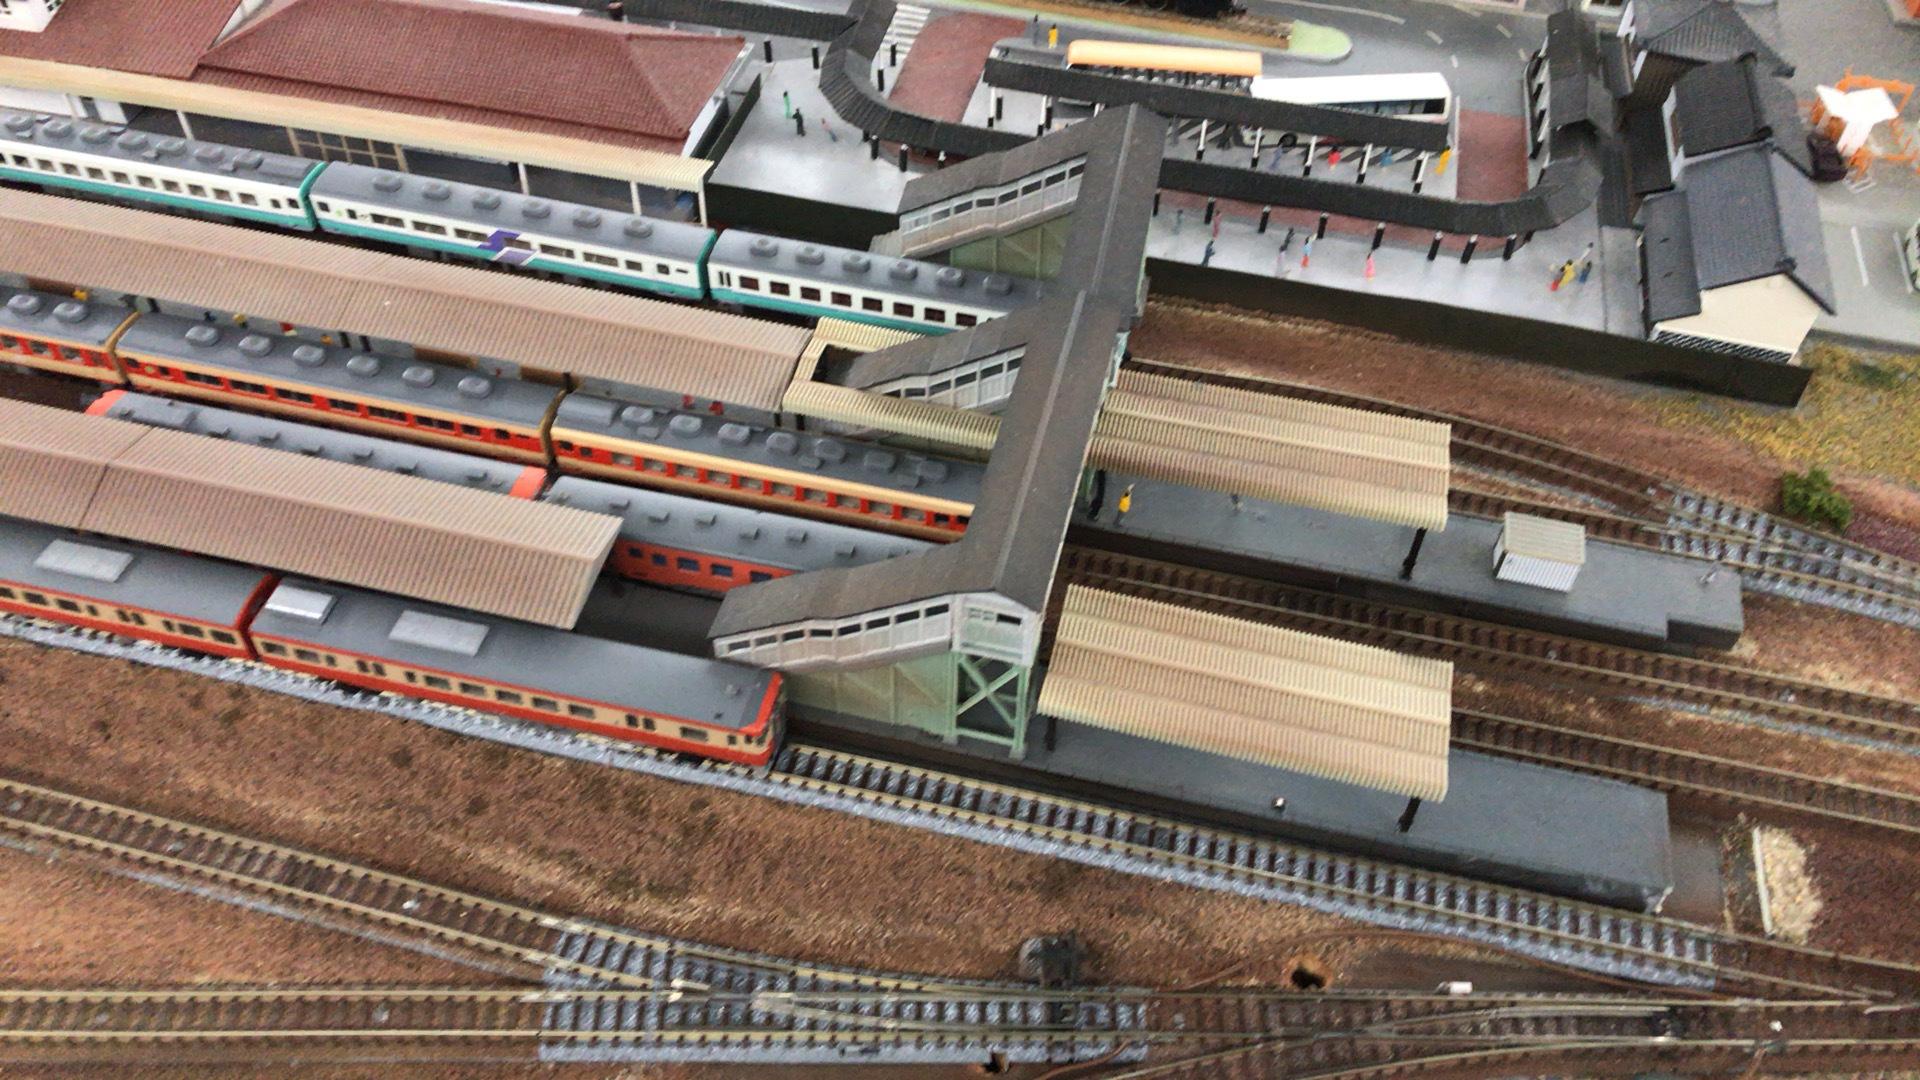 ノスタルジーやキハ52などの列車の走行がスムーズかを確認しました。